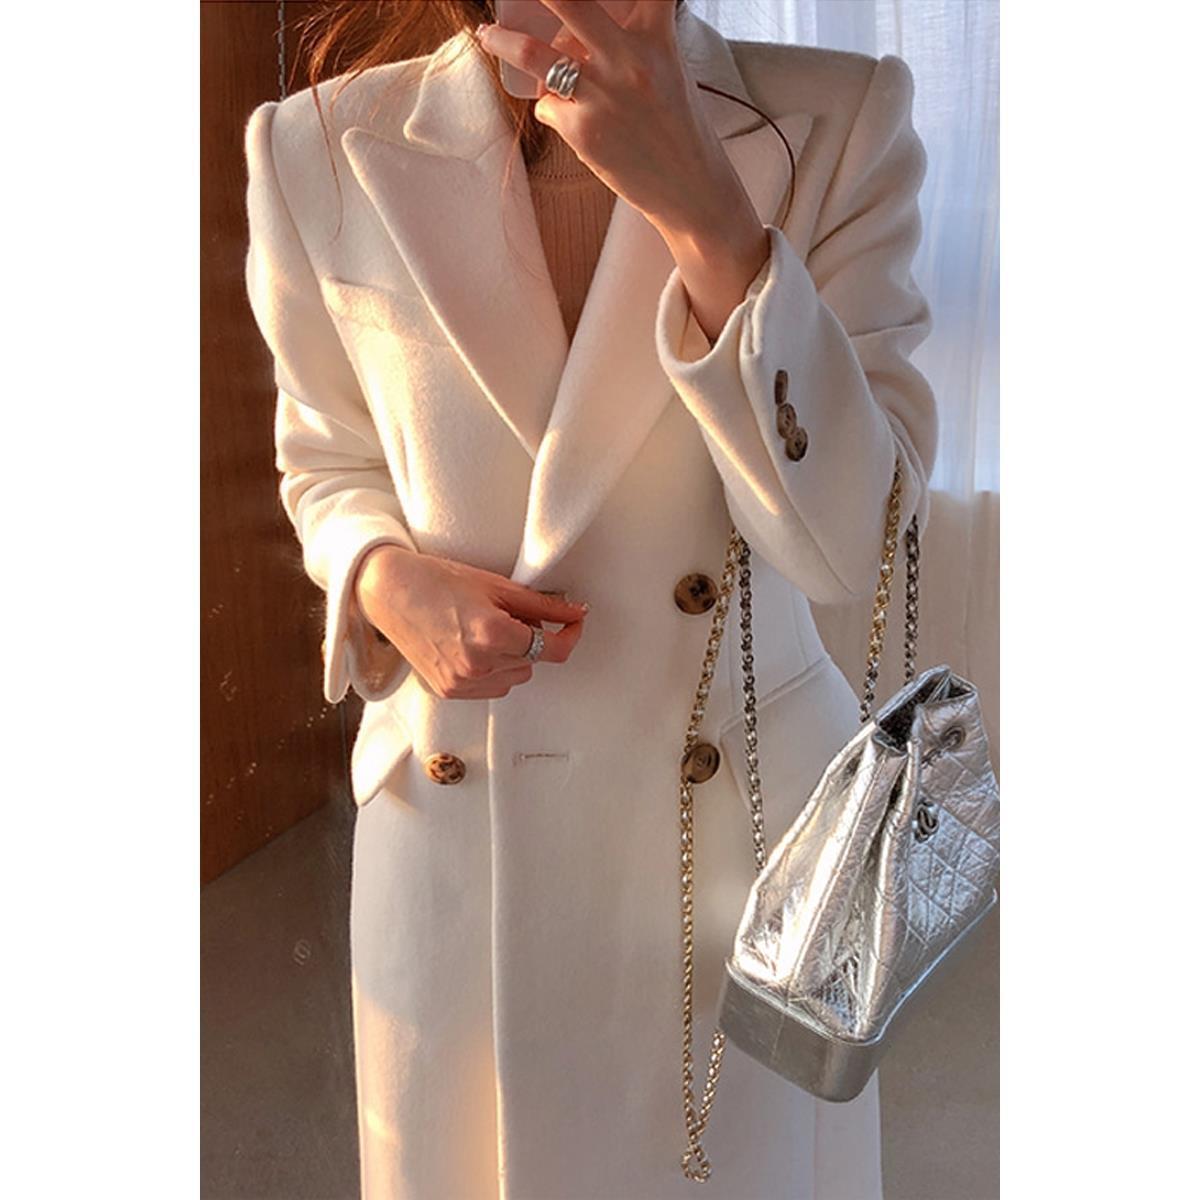 Heydress 2021 Winter Femmes Solide Slim élégant manteau de laine Ice Lady White Streetwear femme femme épaissie chaude à double boutonnage